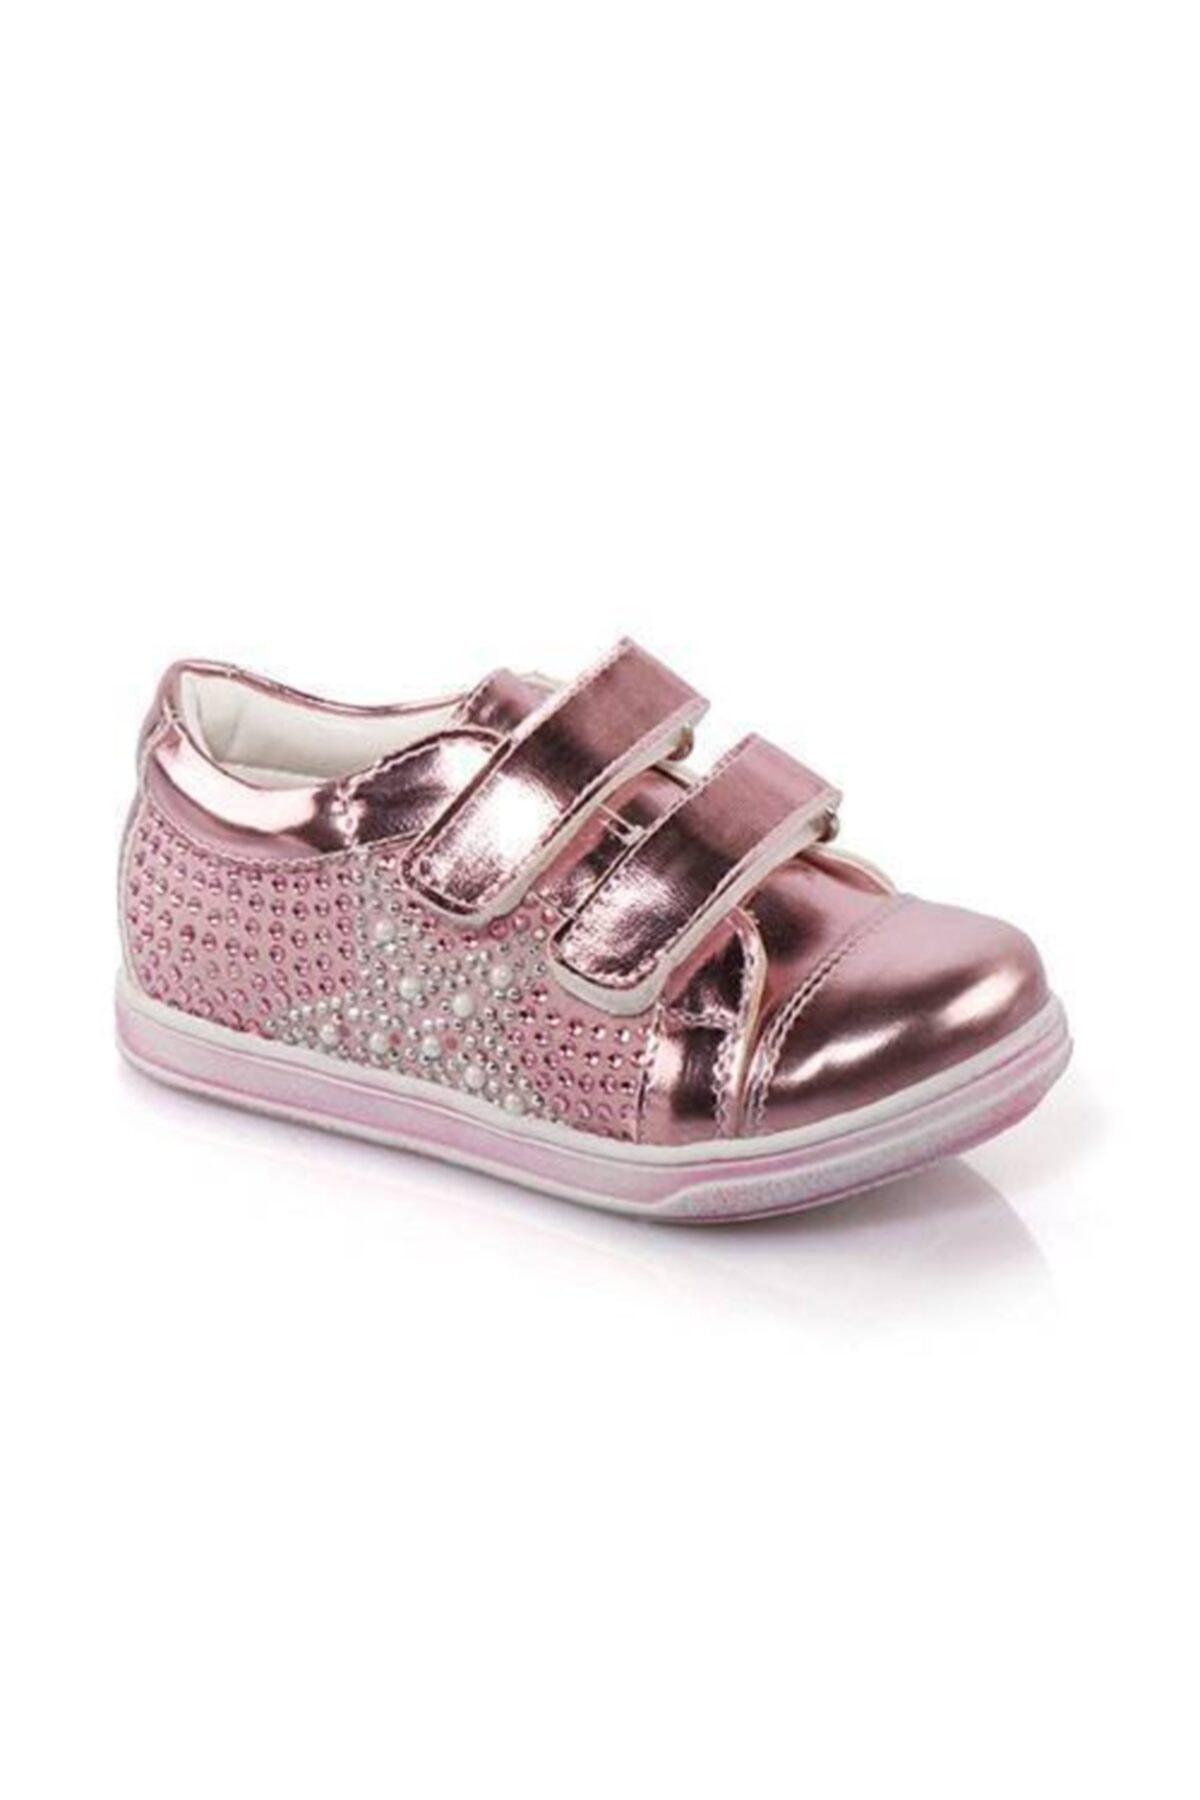 Kız Çocuk Pembe Taşlı Bantlı Günlük Ayakkabı